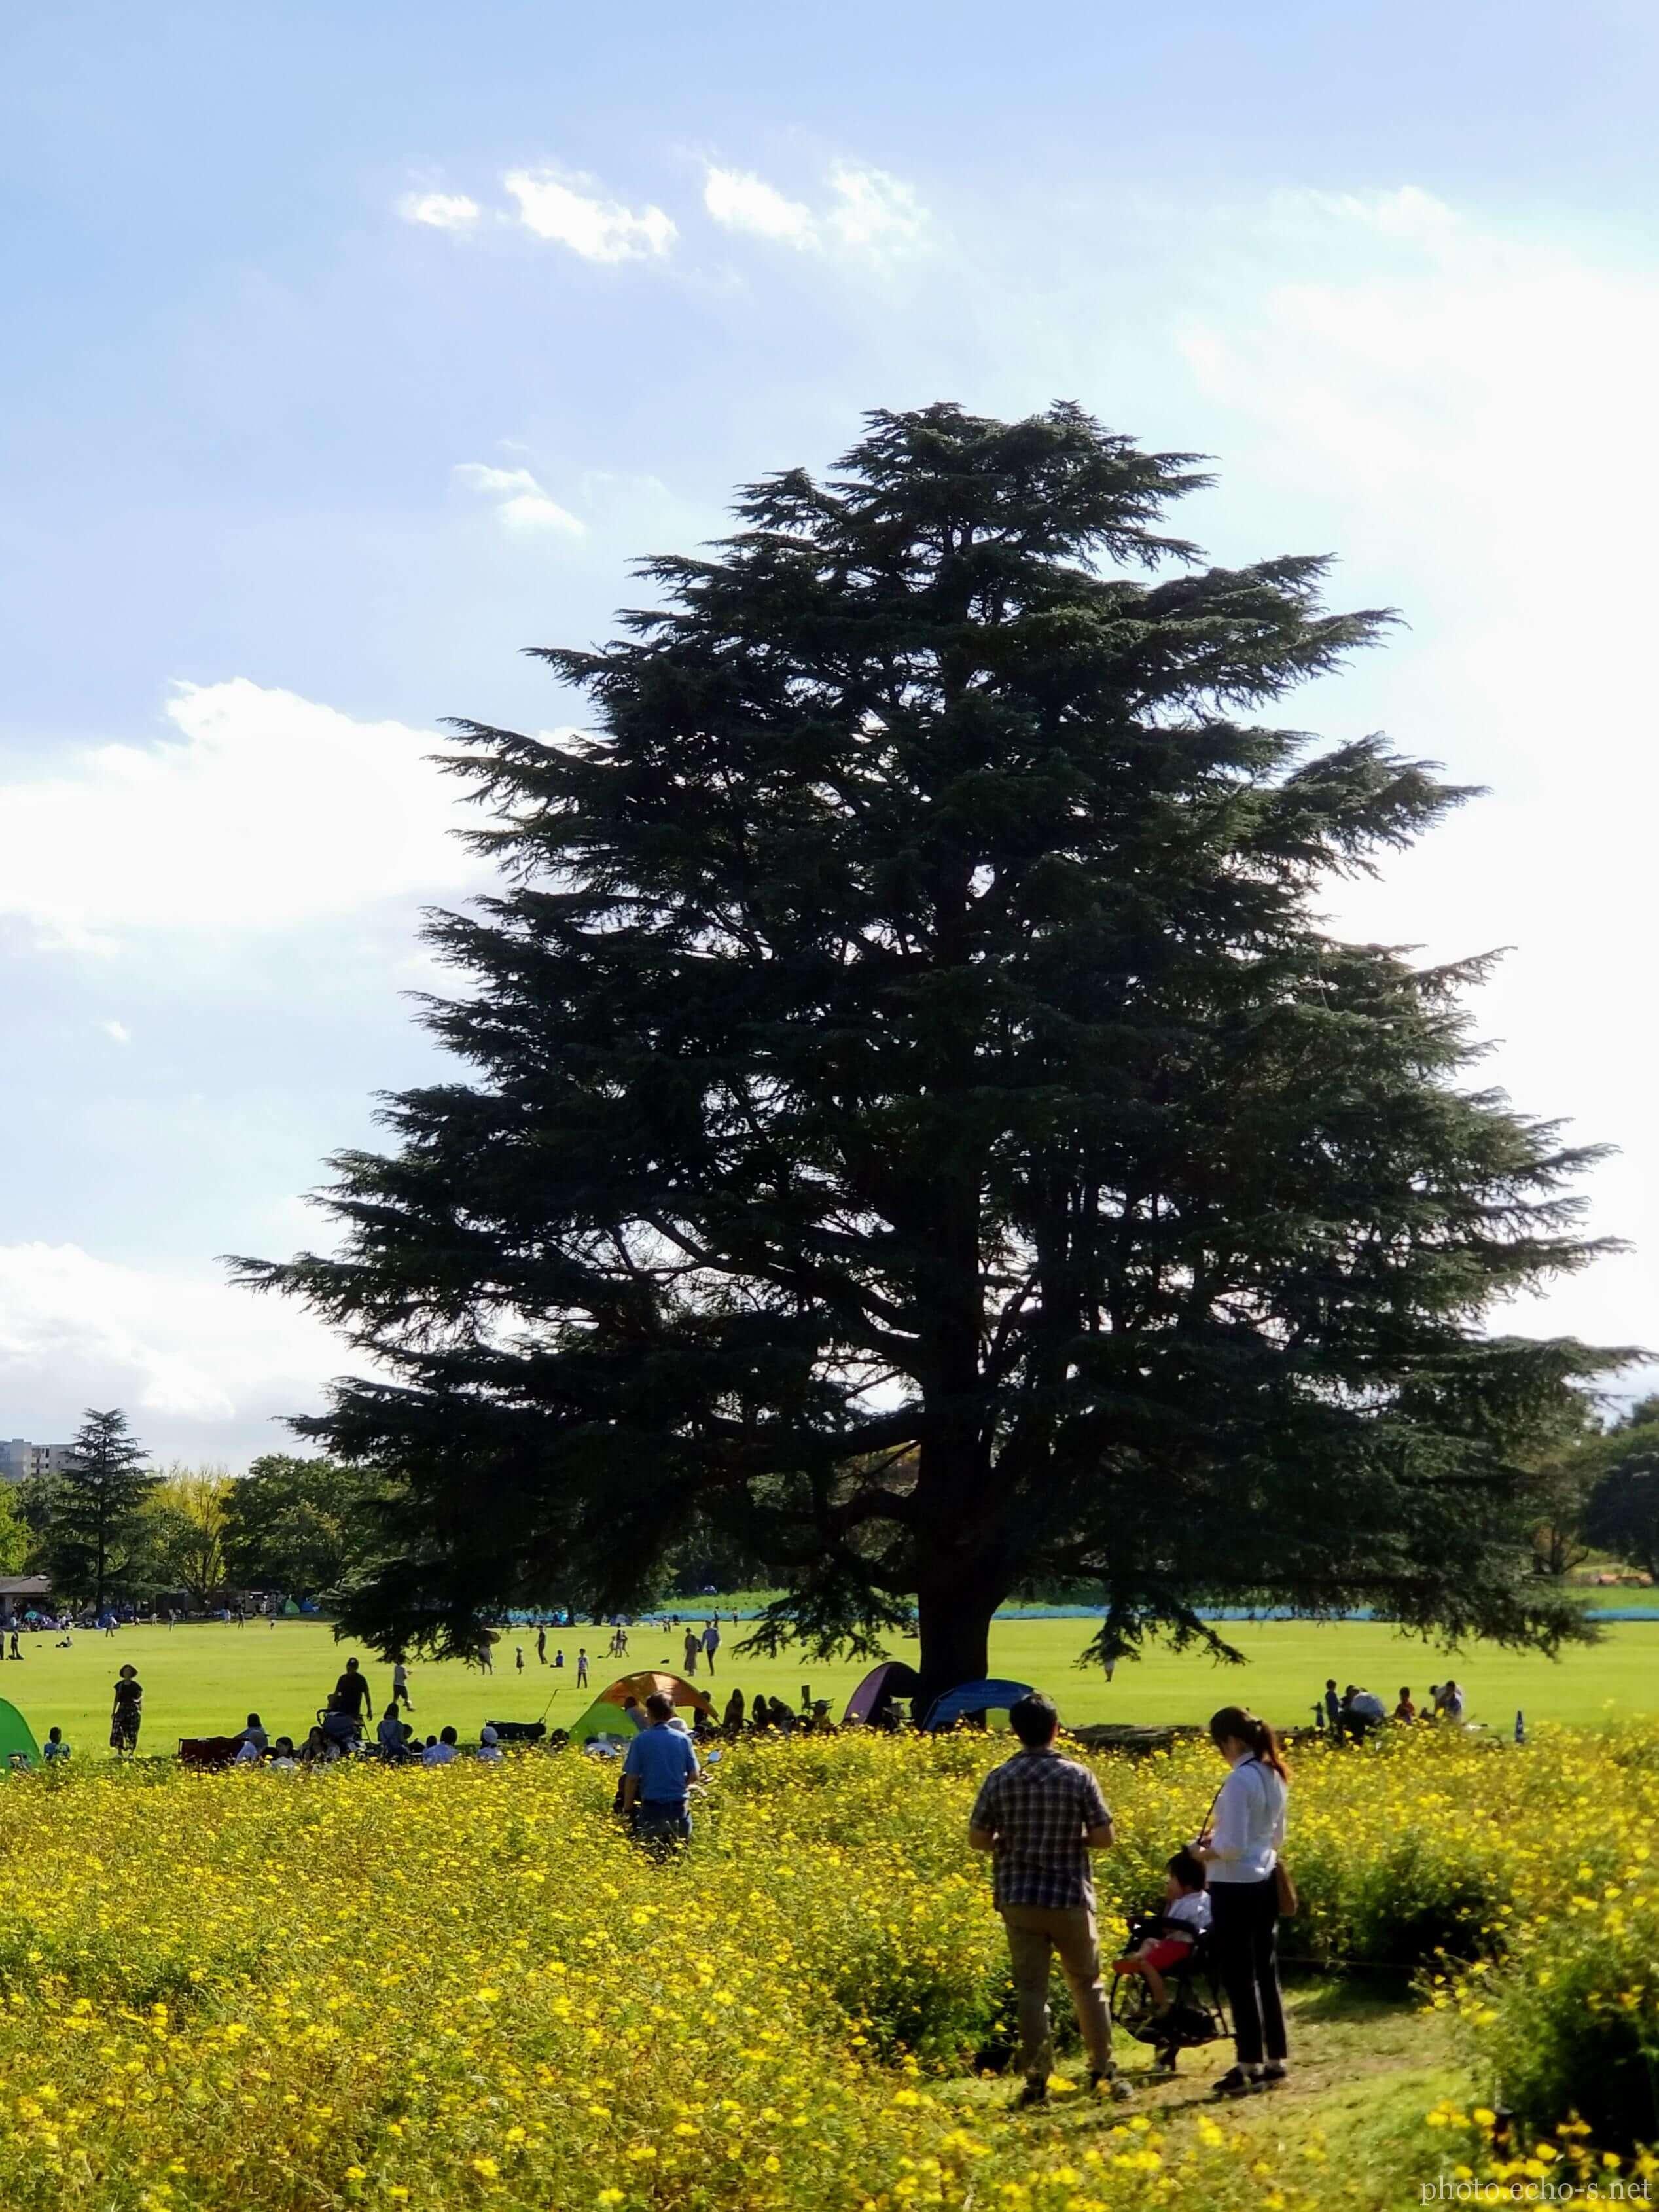 昭和記念公園 みんなの原っぱ コスモス